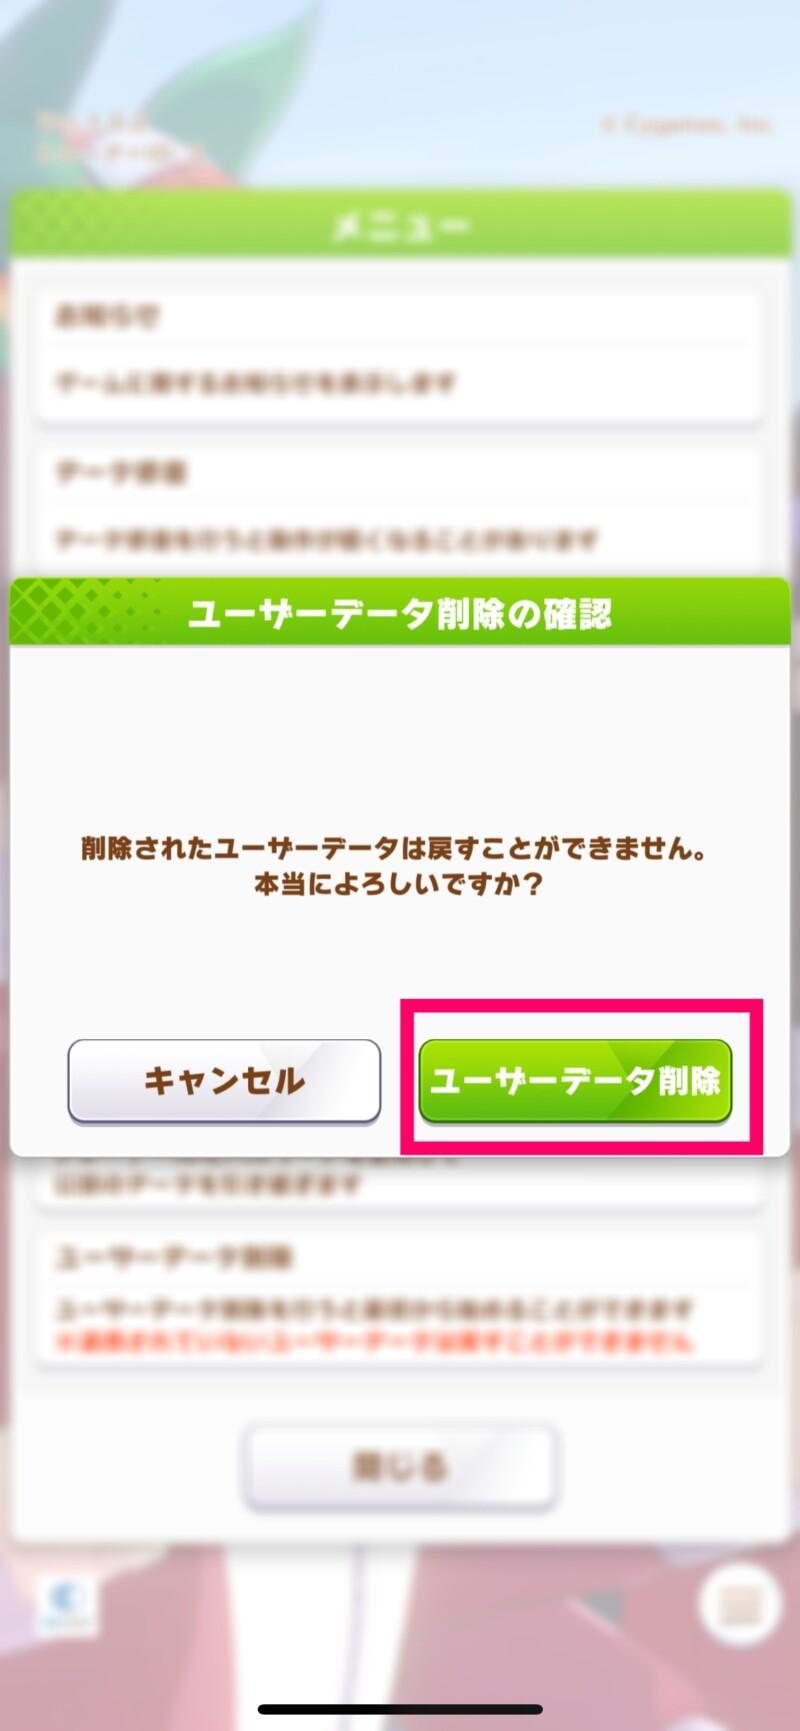 アプリゲームウマ娘リセマラ手順6